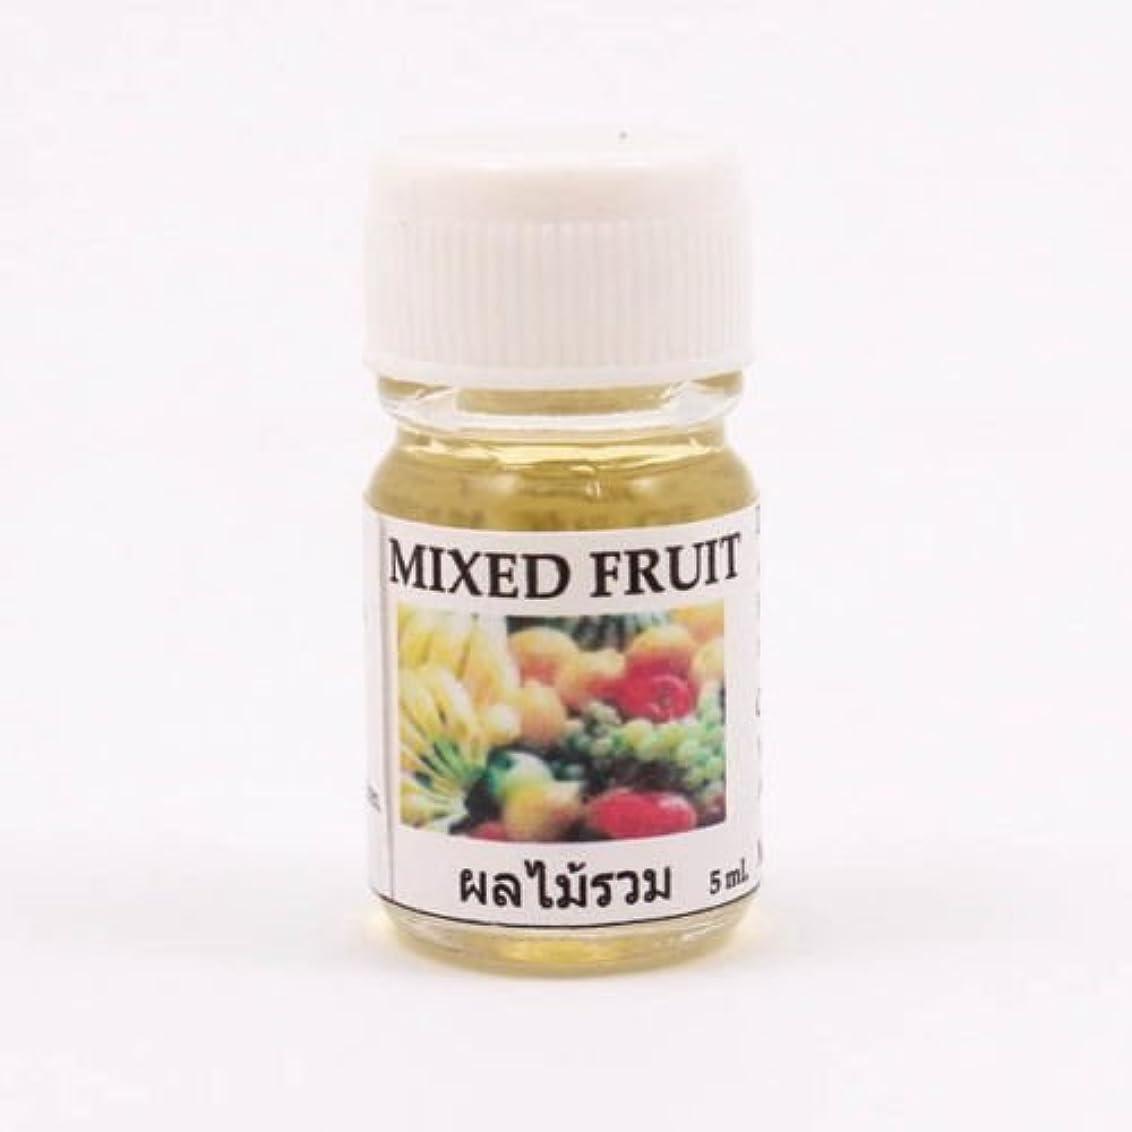 公平シビック動く6X Mixed Fruit Aroma Fragrance Essential Oil 5ML Diffuser Burner Therapy